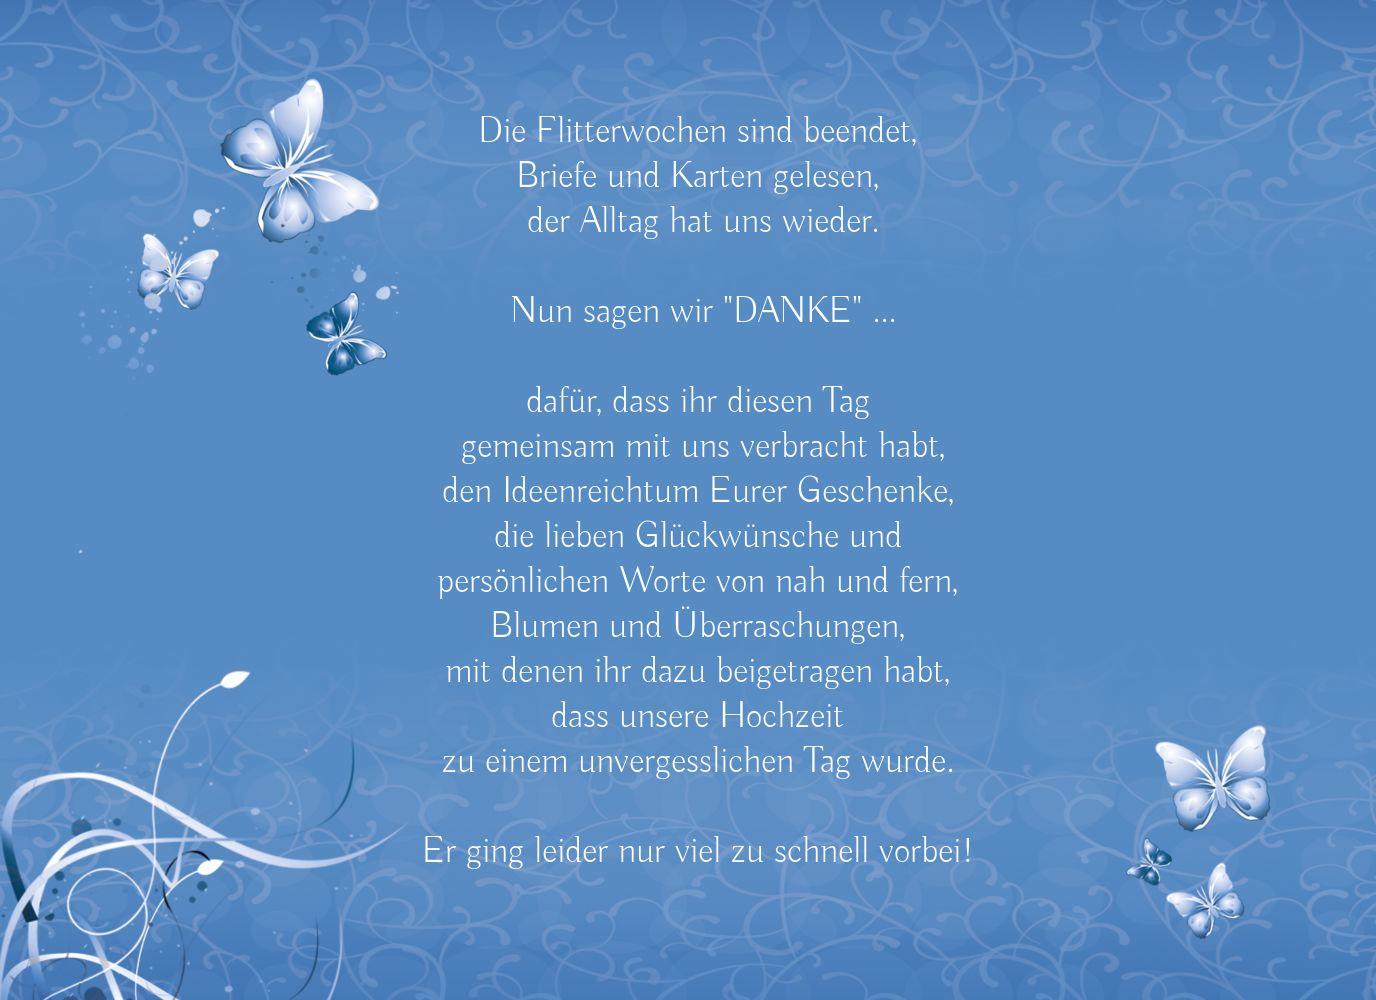 Ansicht 4 - Hochzeit Danke butterfly